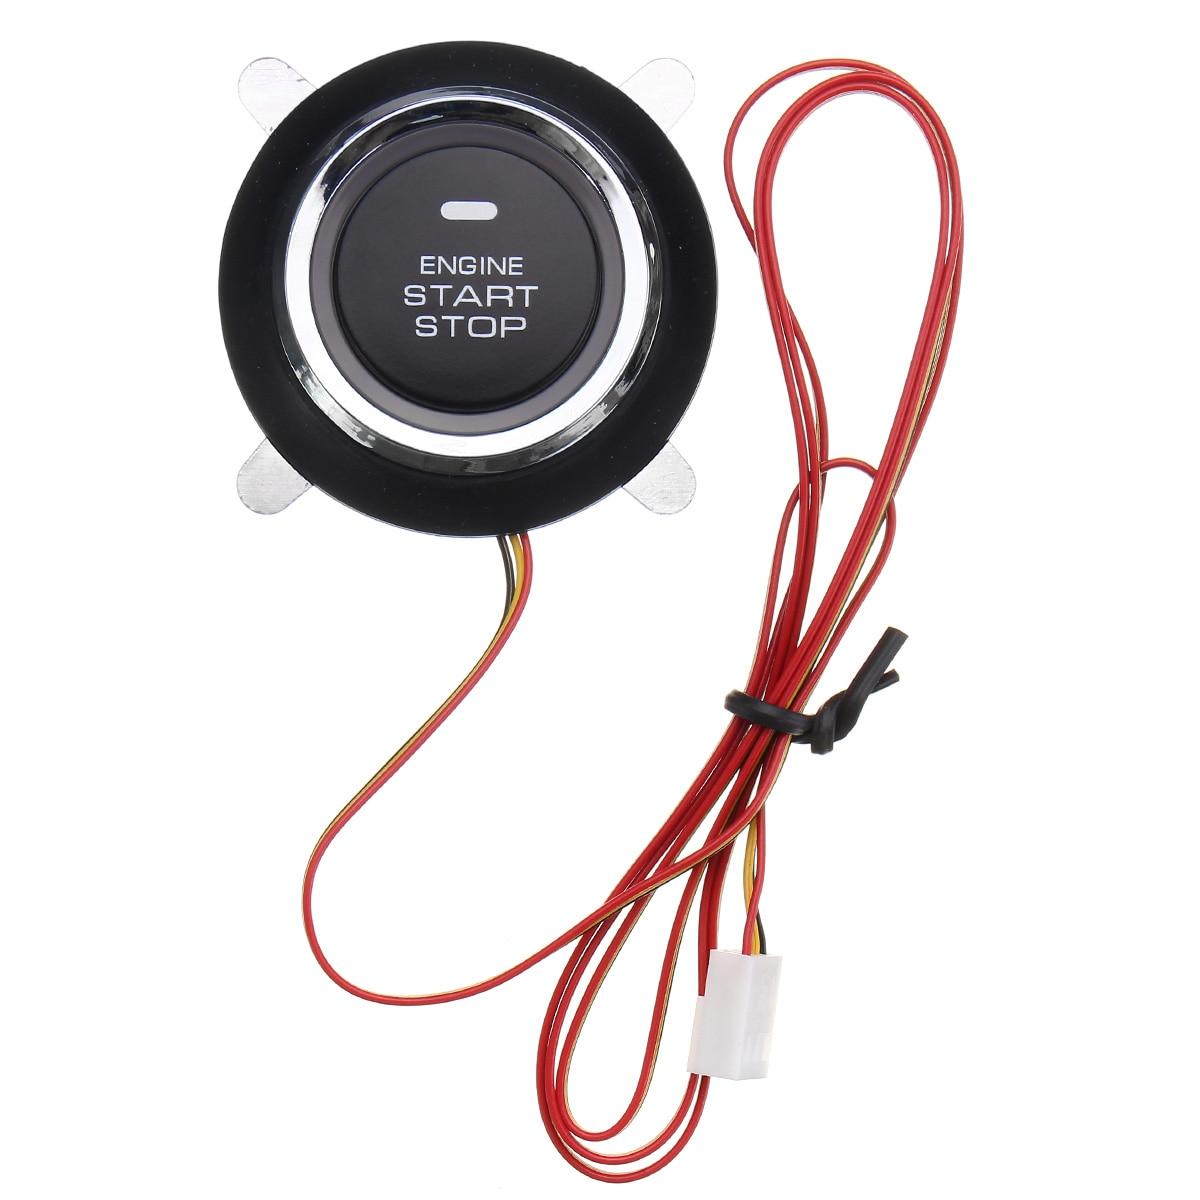 KROAK saut de Code PKE système d'alarme de voiture entrée sans clé démarrage à distance bouton poussoir démarrage arrêt démarrage à distance moteur démarrage - 6